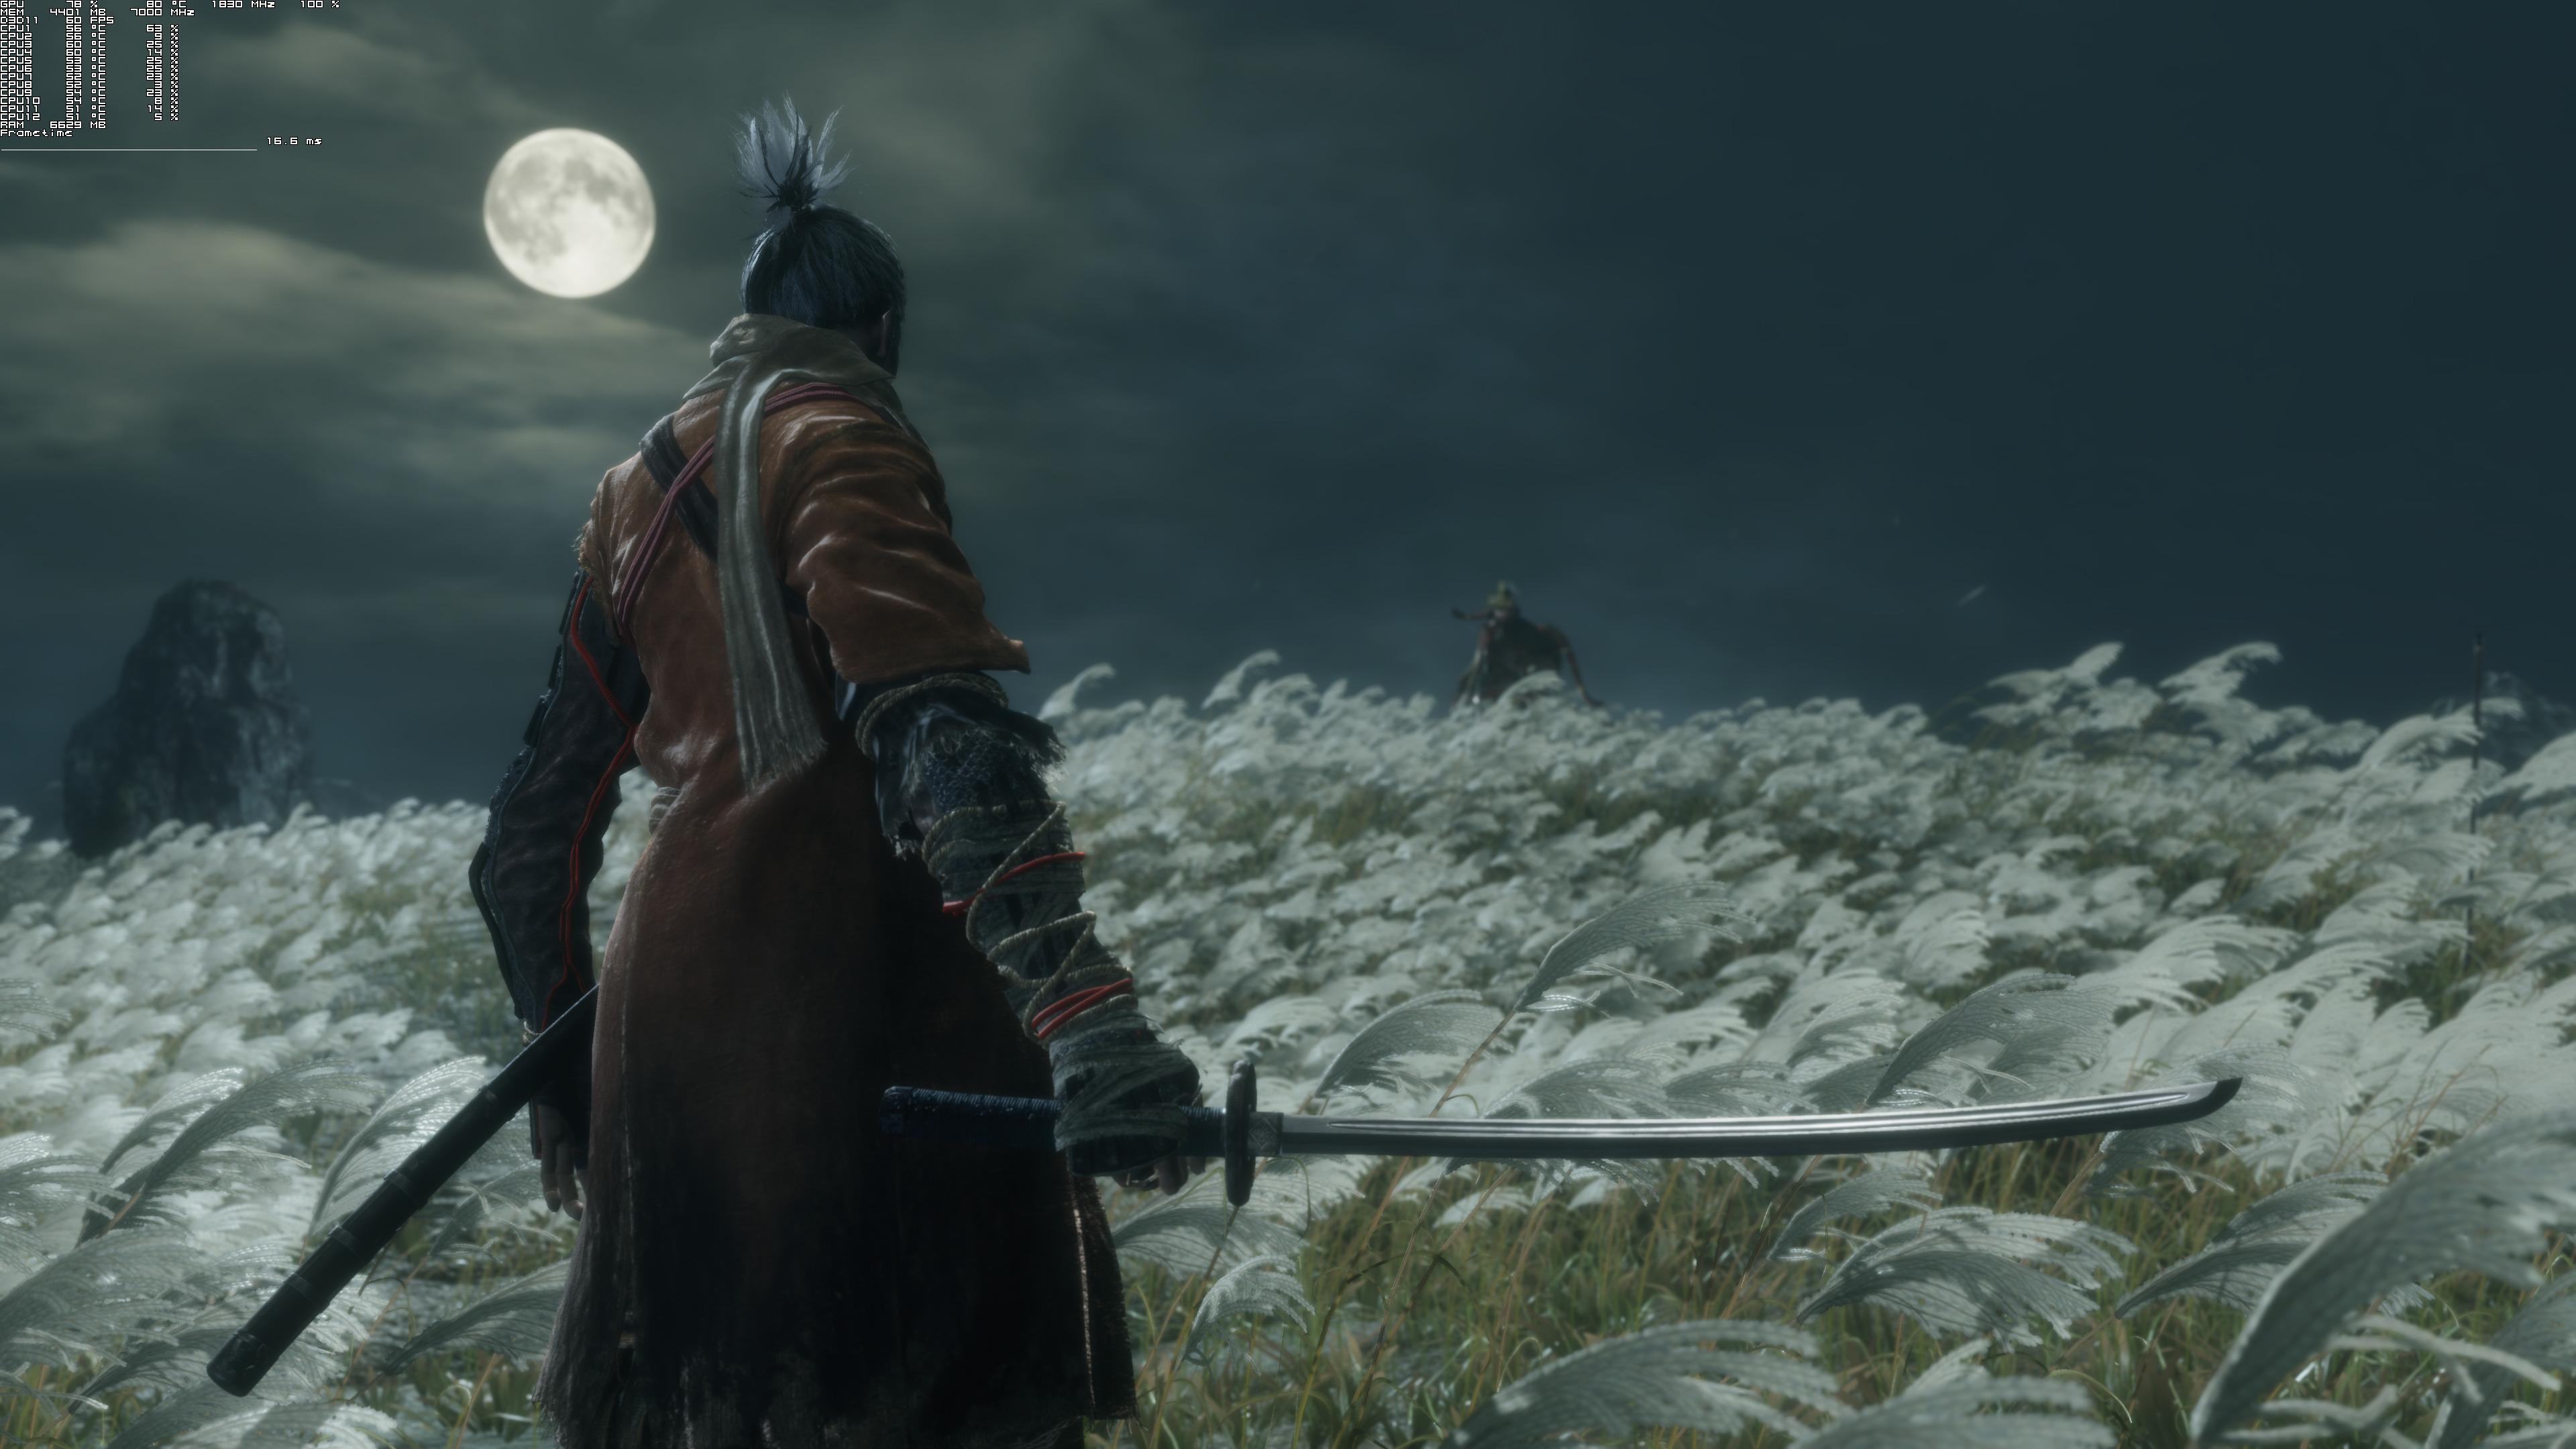 《只狼》PC版性能表现分析 视觉效果达到3A大作标准